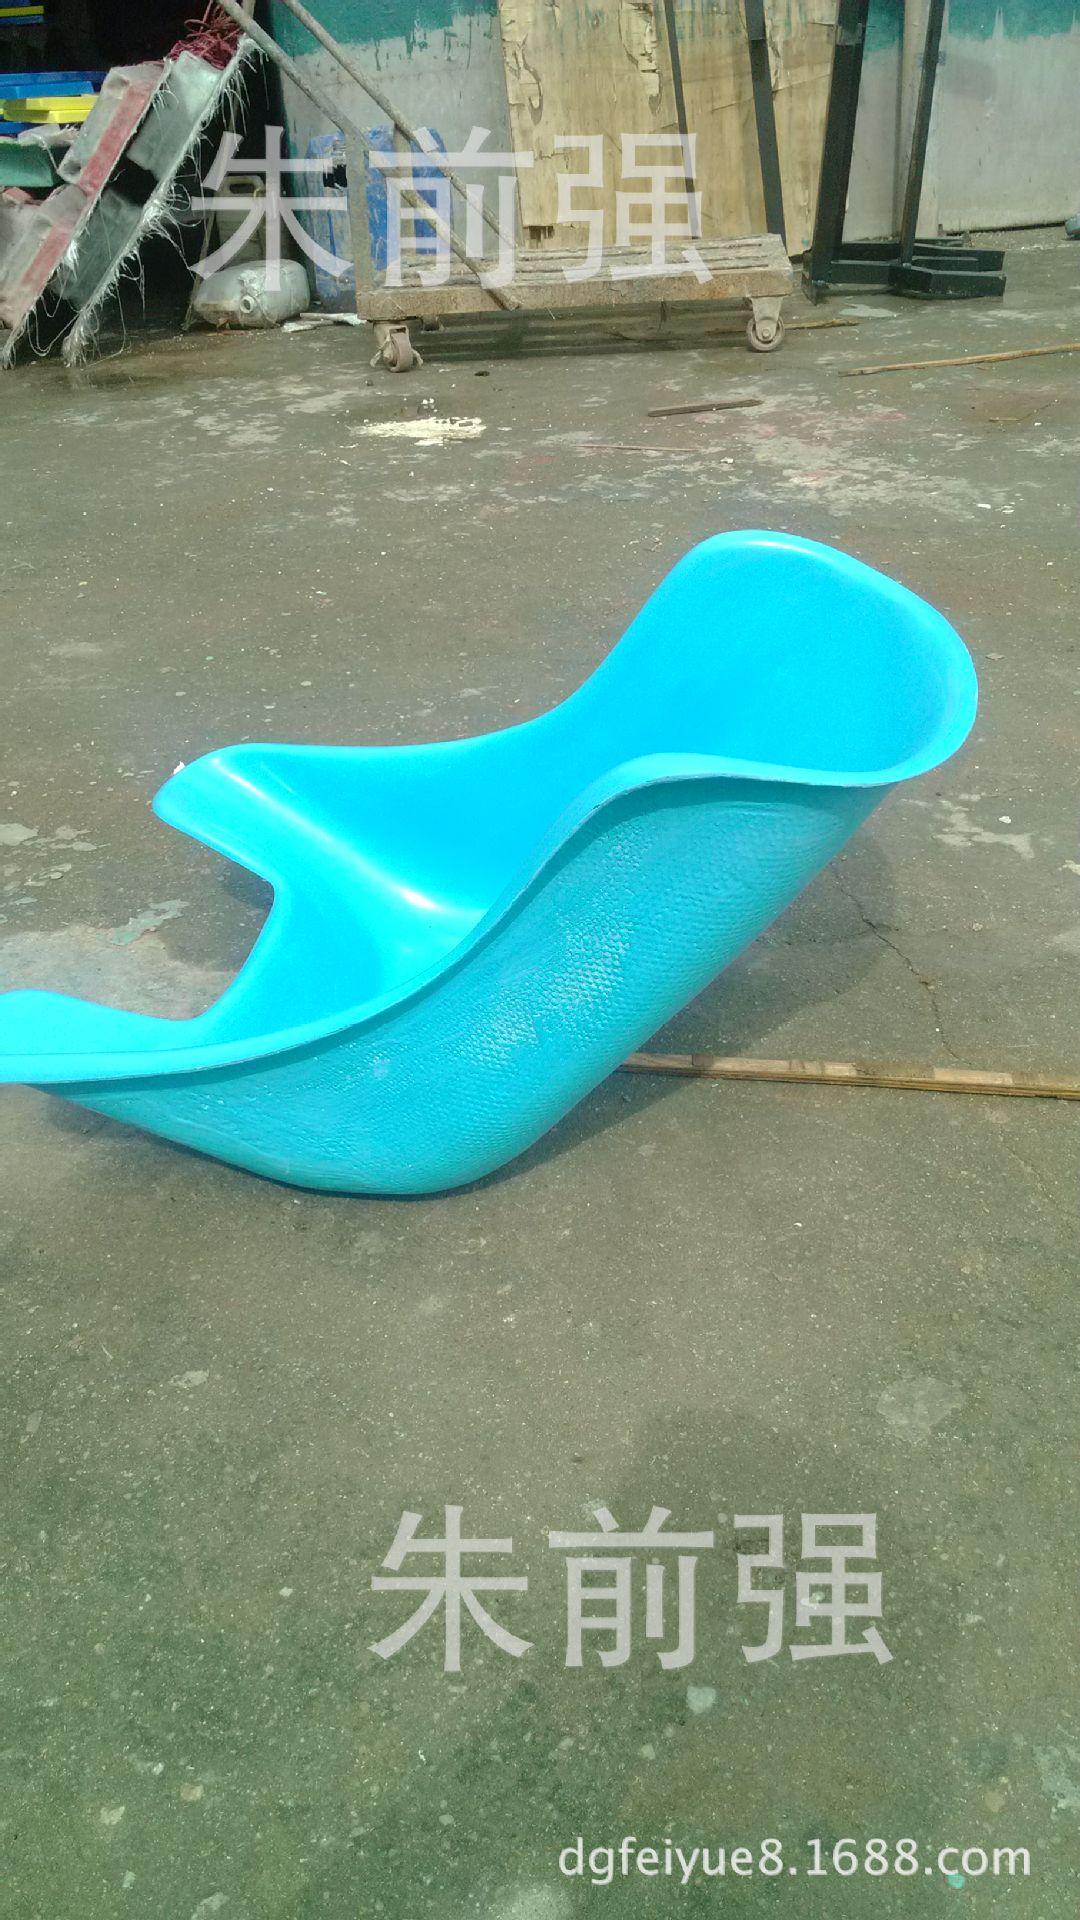 成人儿童卡丁车座椅 玻璃钢卡丁车座椅 玻璃钢赛车座椅示例图6